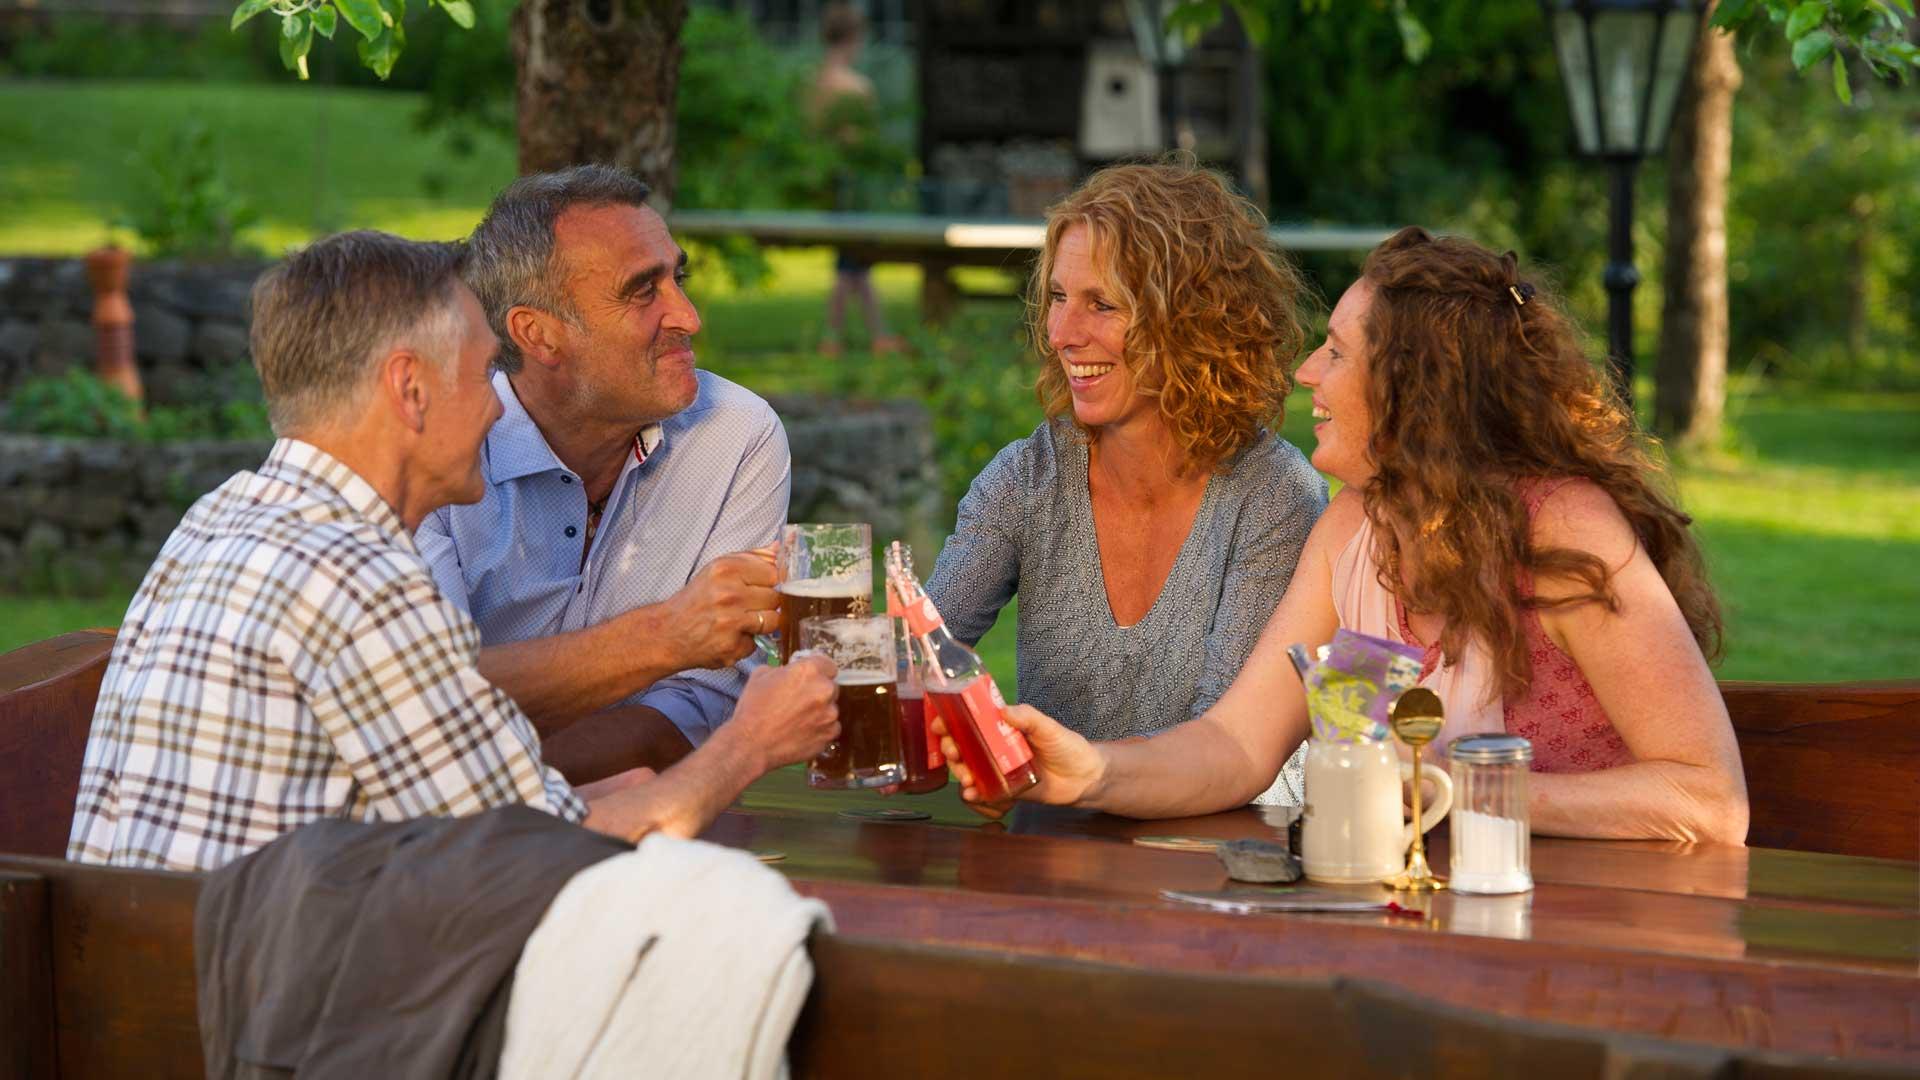 Freunde genießen den Sommer bei einem kühlen Getränke im Biergarten